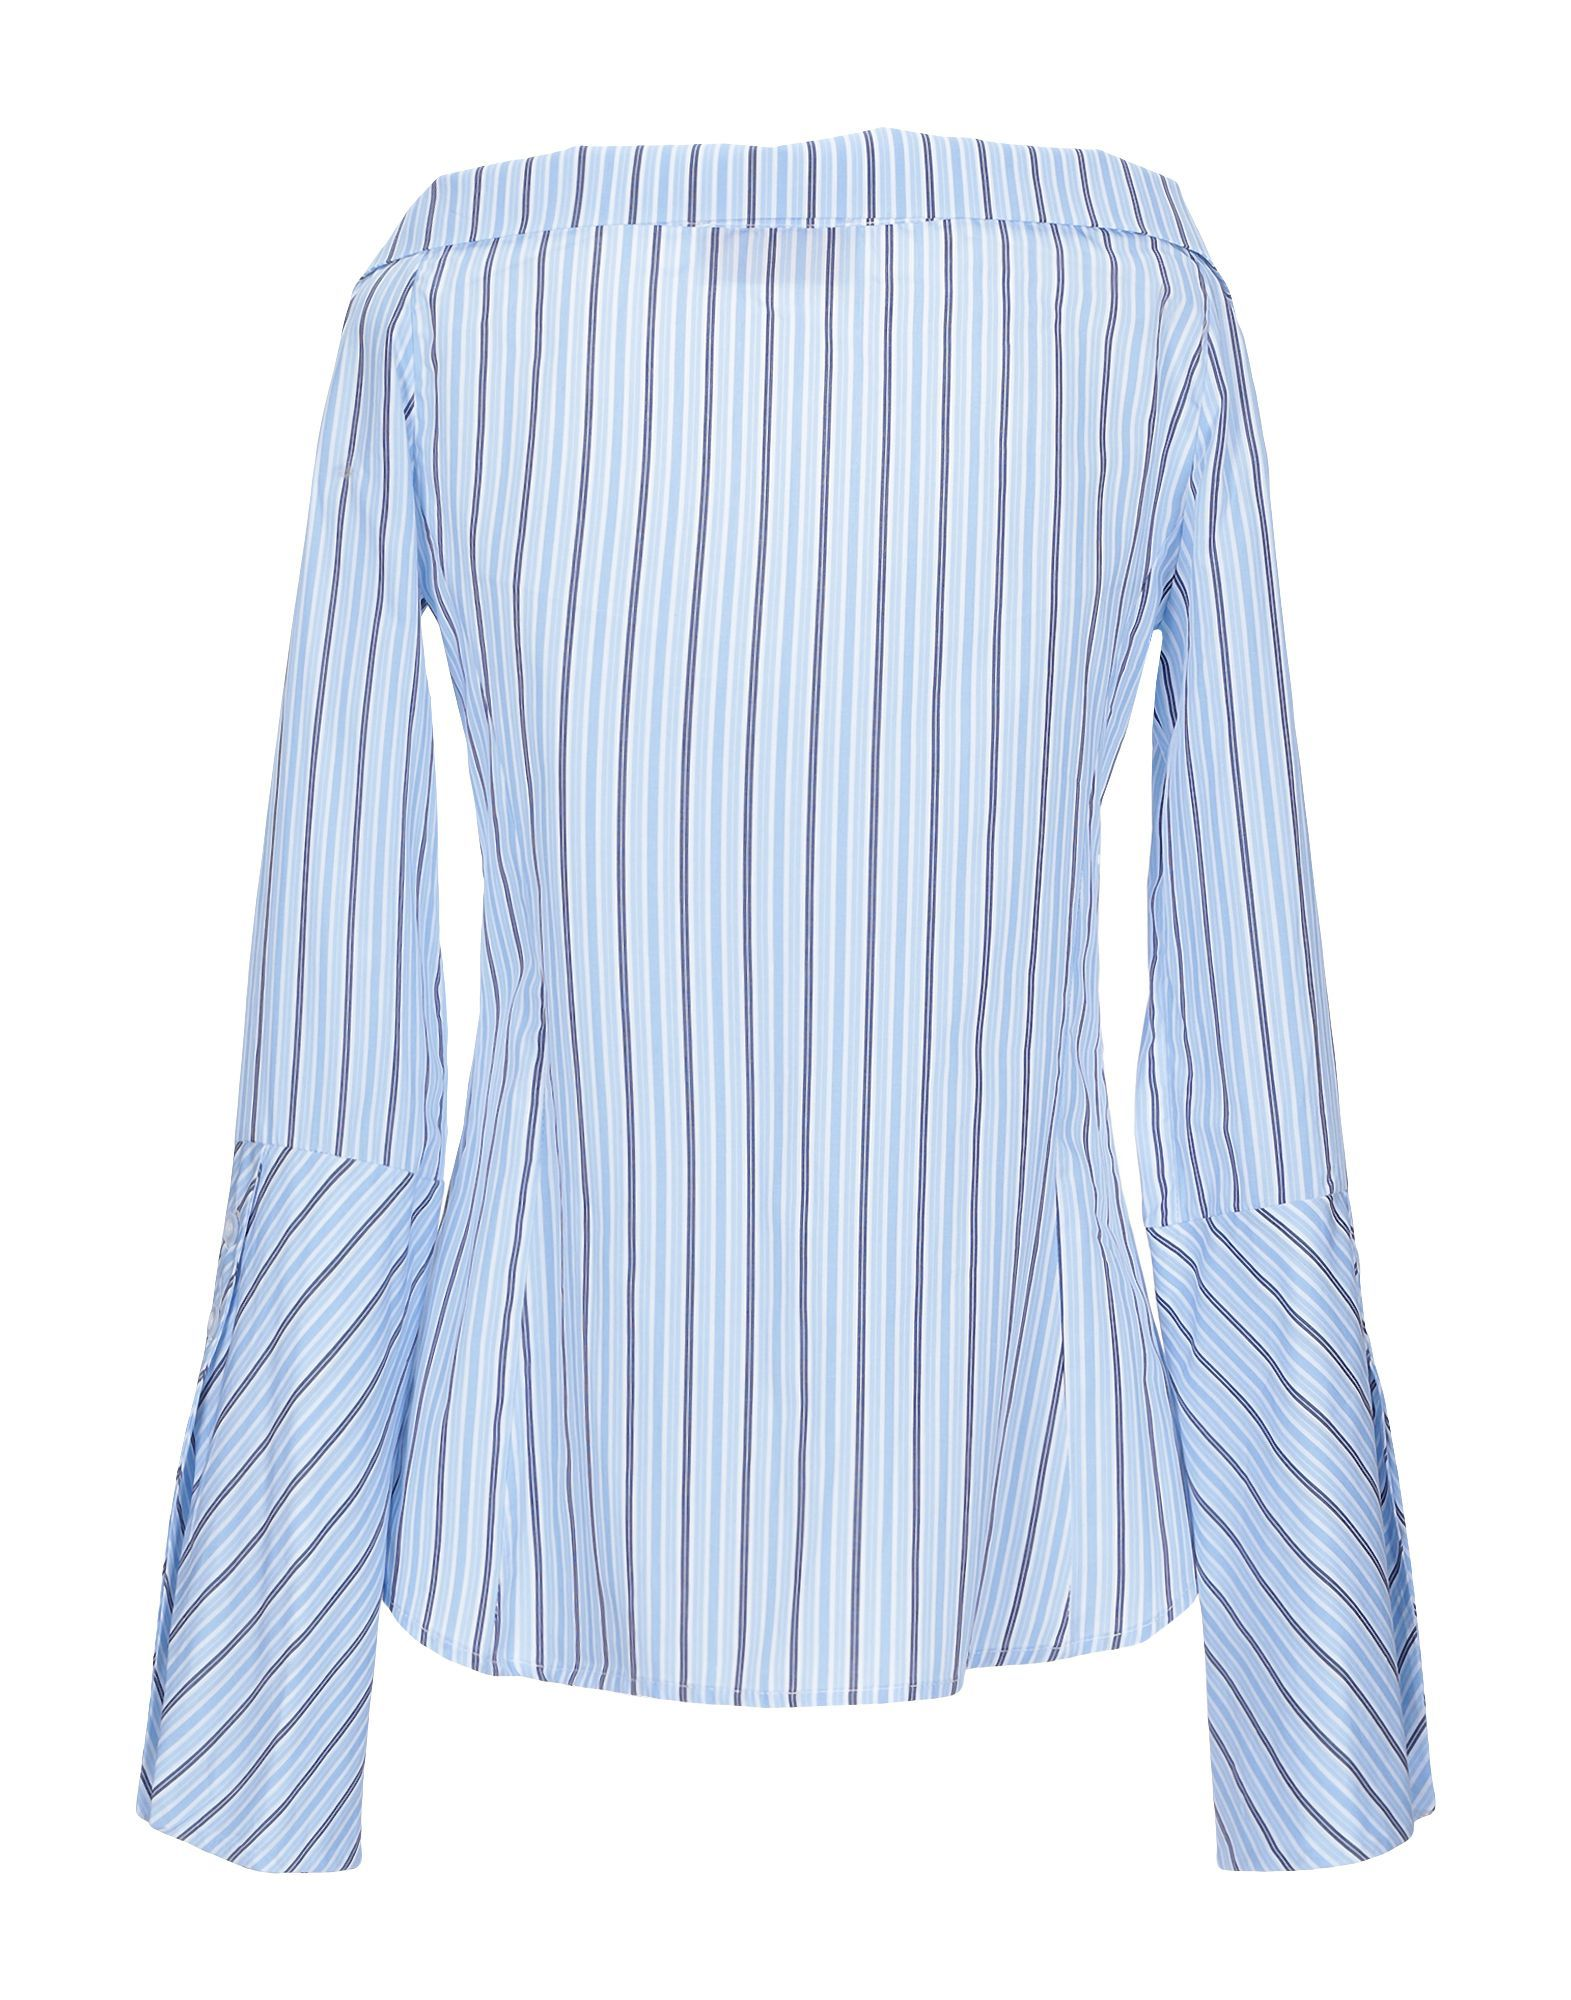 Kaos Jeans Sky Blue Cotton Shirt